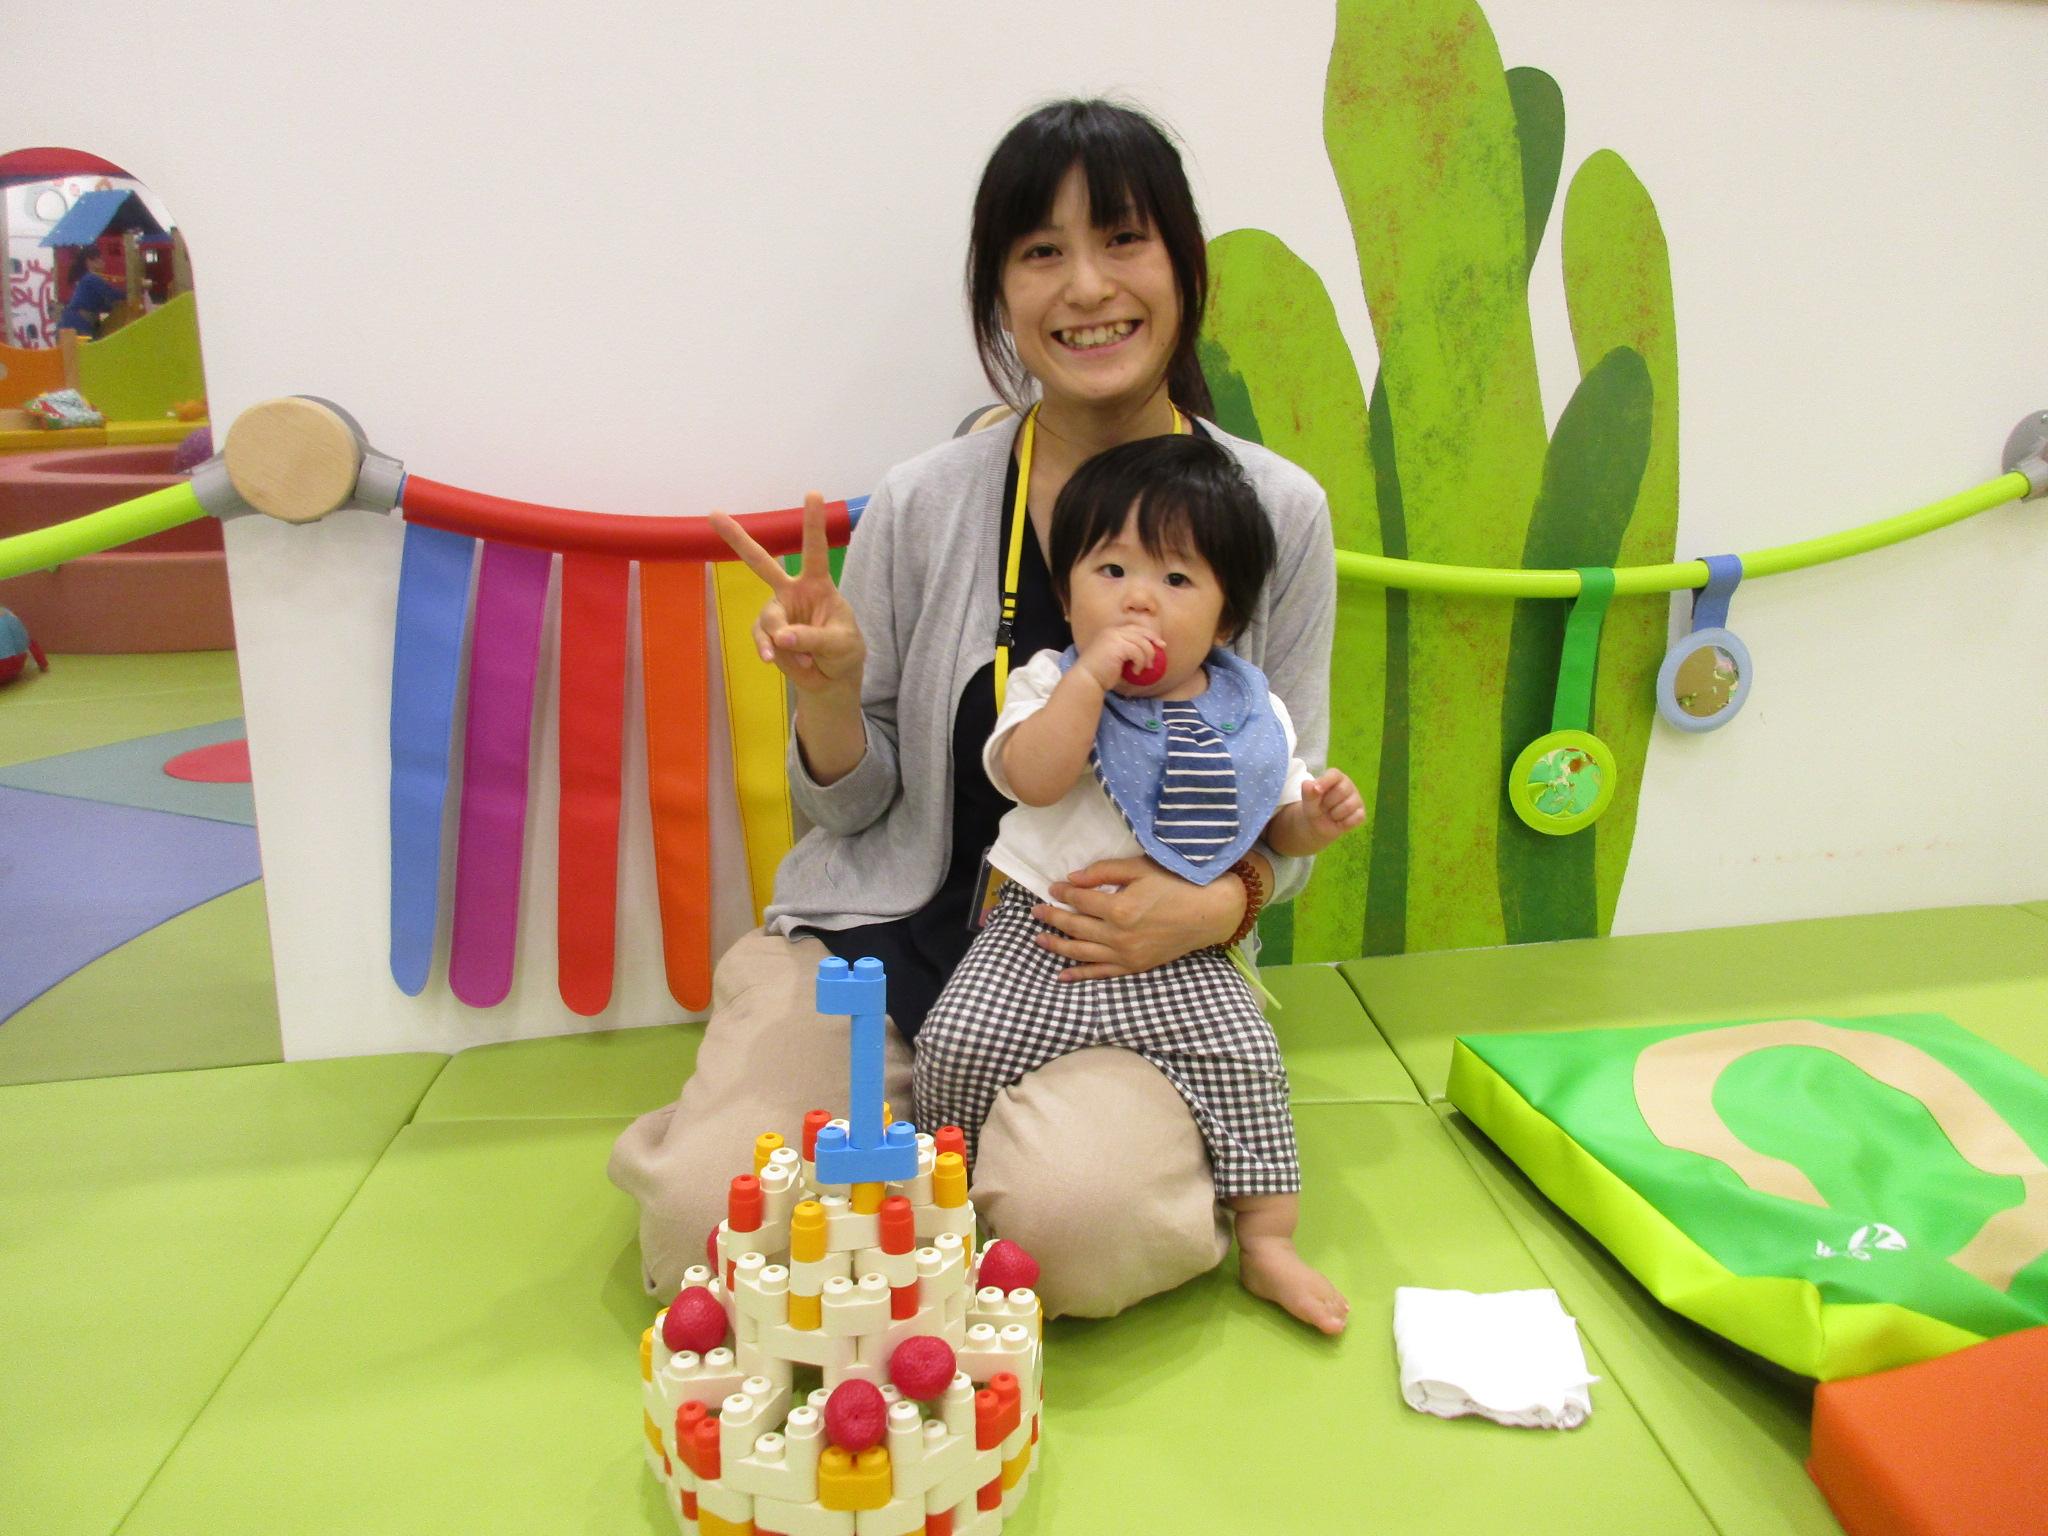 手形をとろう~10月生まれさんのお誕生日会~